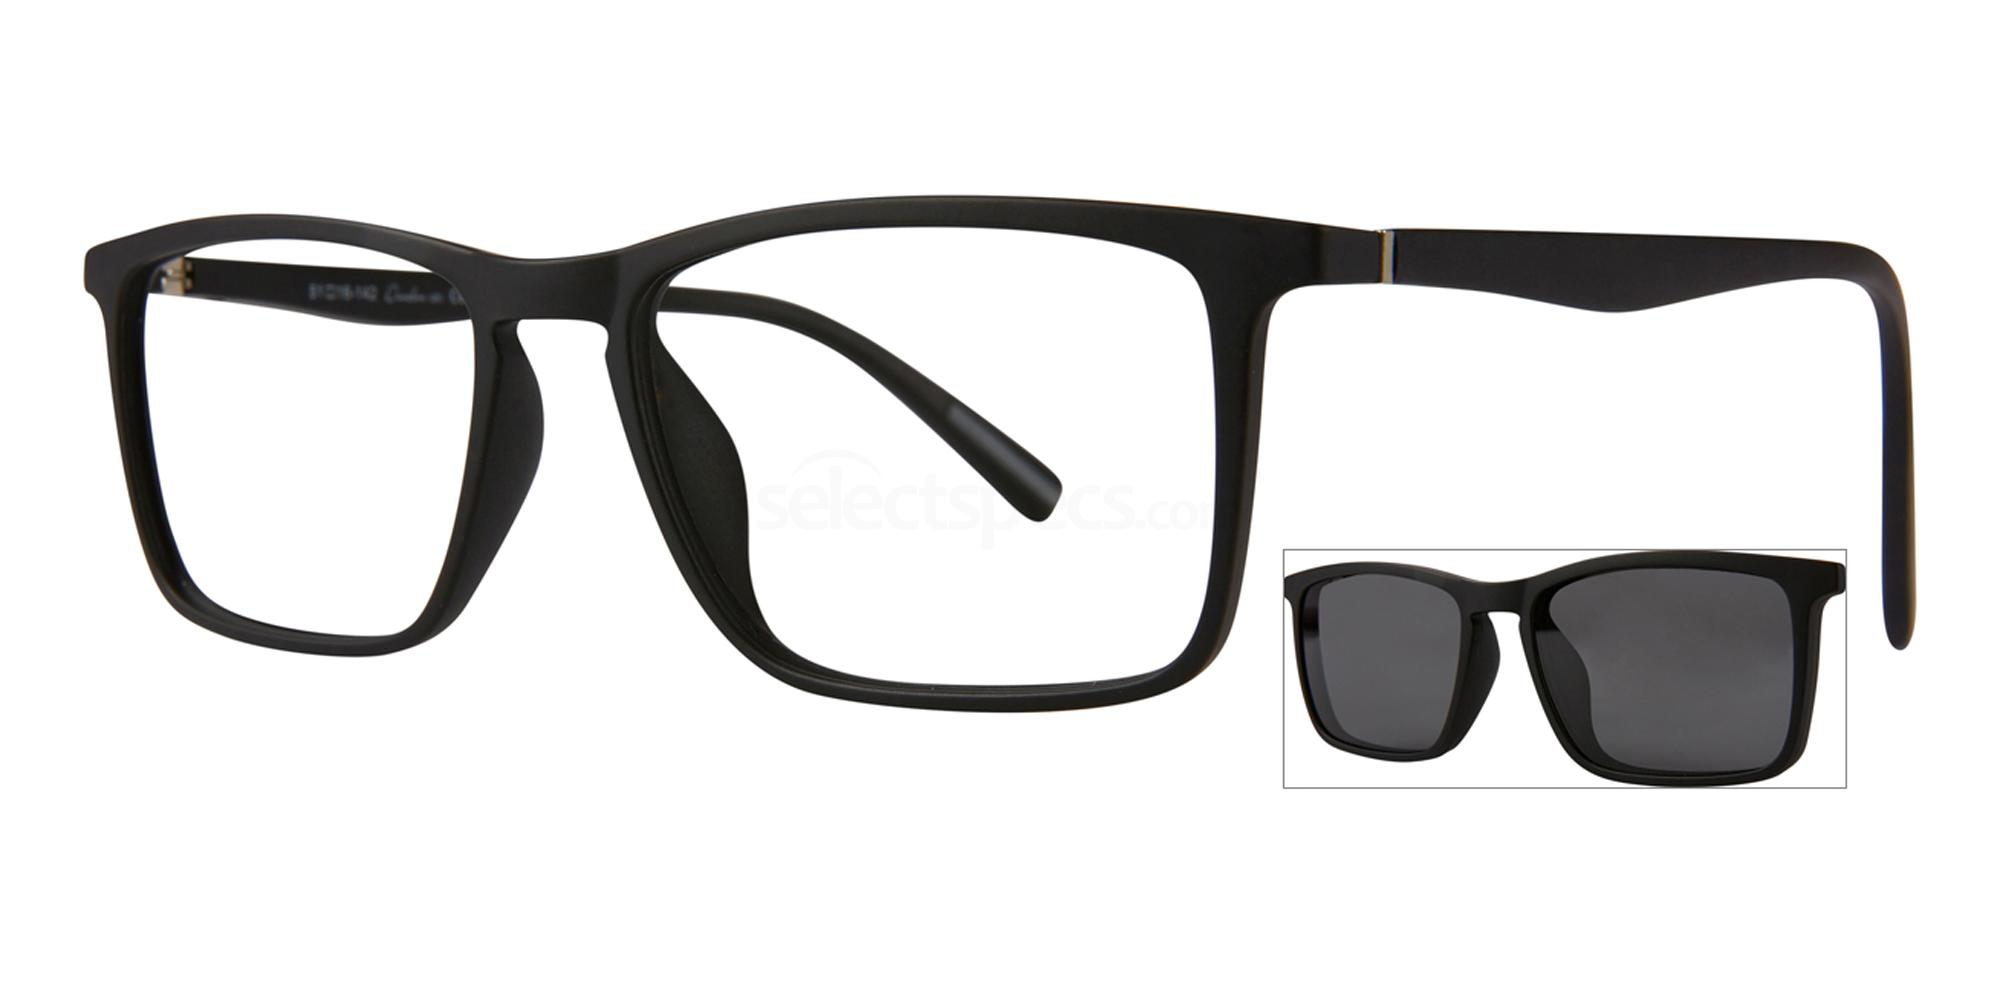 C1 405 with Polarised Clip On Glasses, RETRO